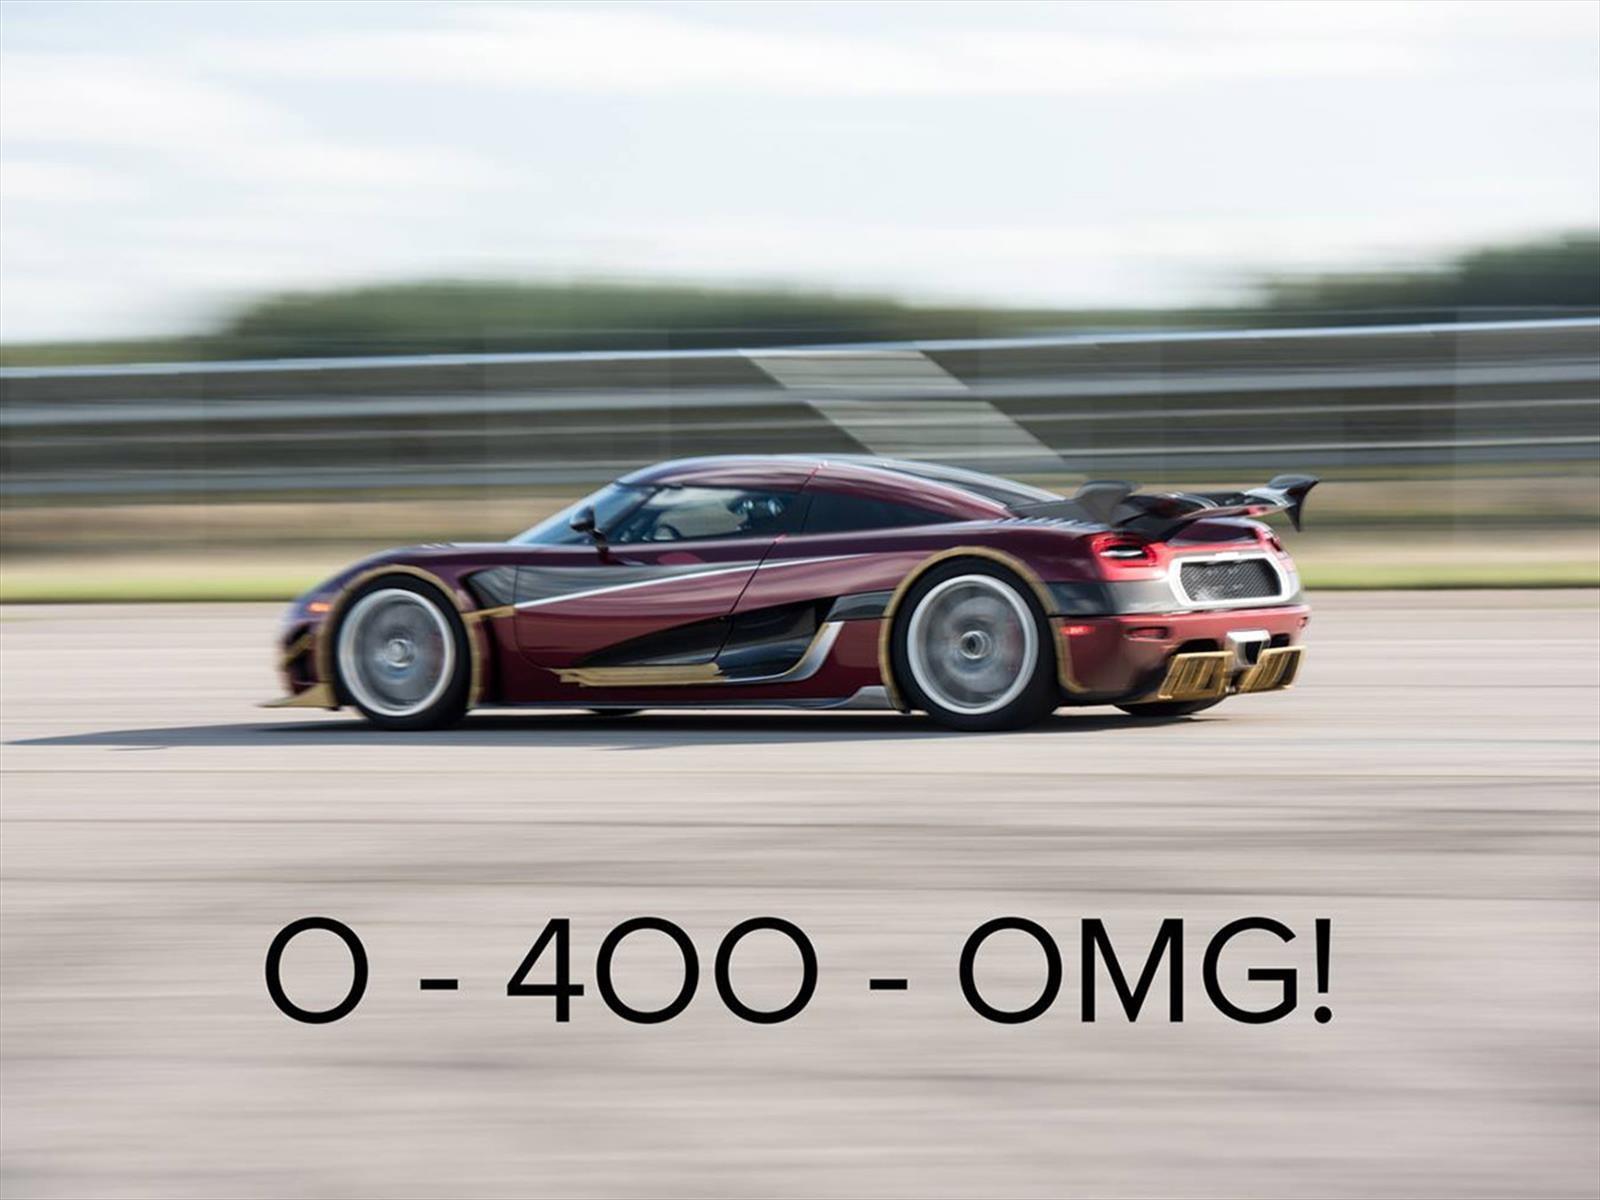 Superan el récord que impuso Juan Pablo Montoya en un Bugatti